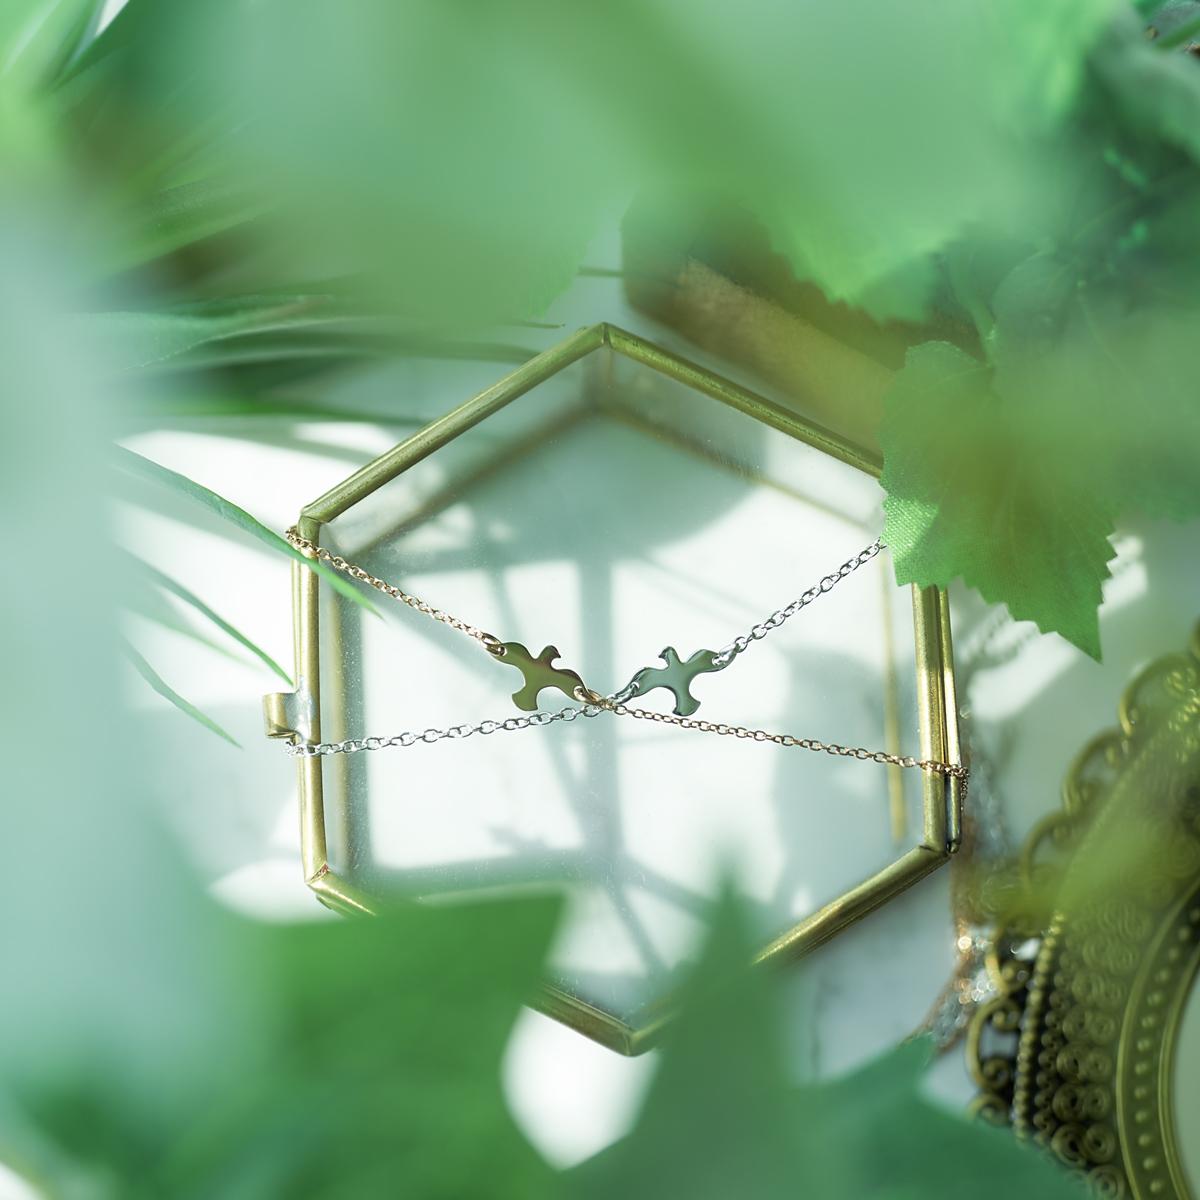 Lauss 幸運の小さなハト カップルバードのネックレス/ブレスレット/アンクレット イニシャル彫刻 ステンレス opp00070 (長方形パッケージ)conpact